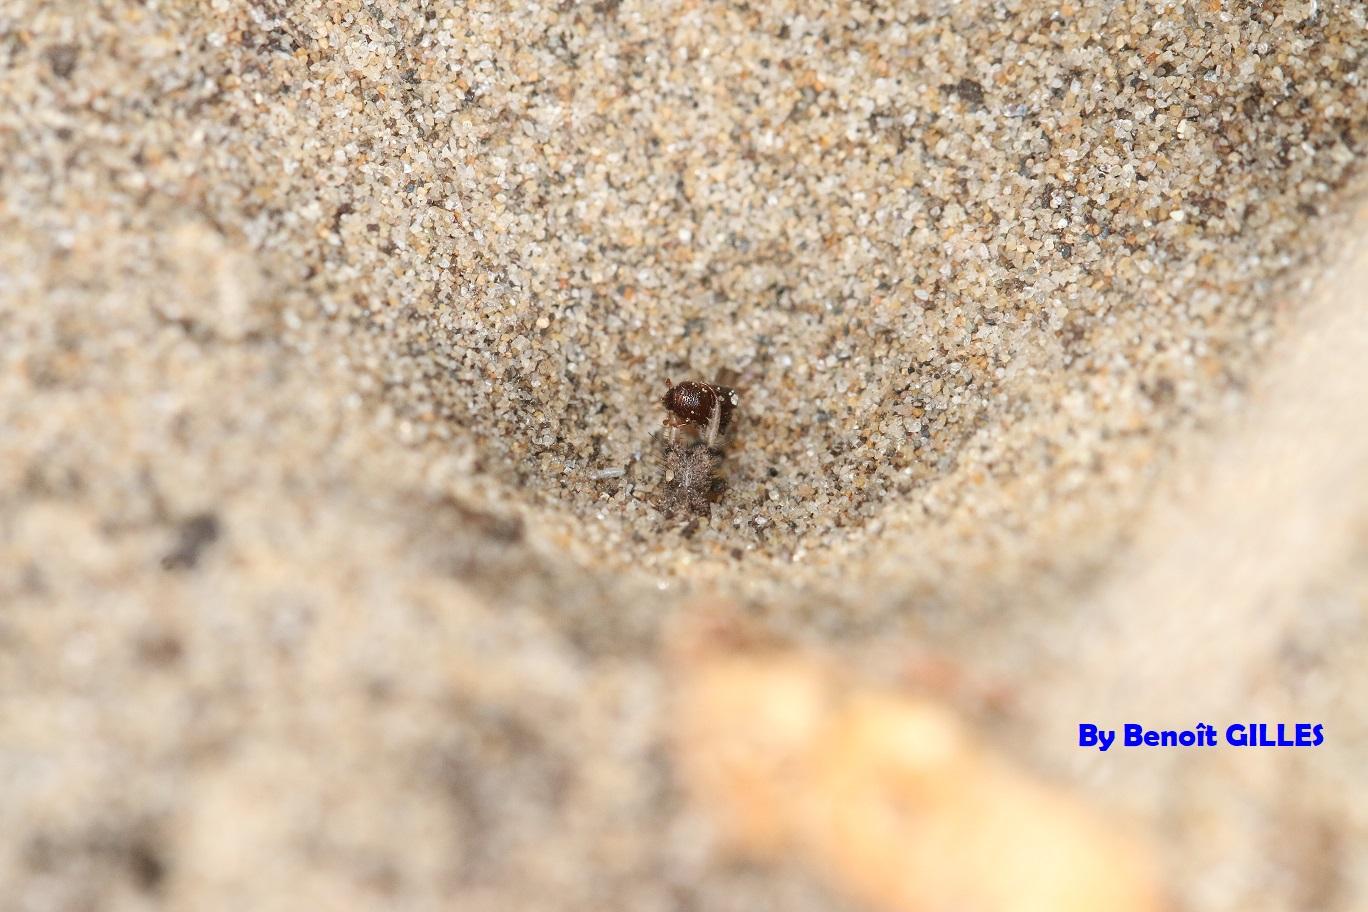 Larve de fourmilion ayant capturé un petit coléoptère (Nevroptera)